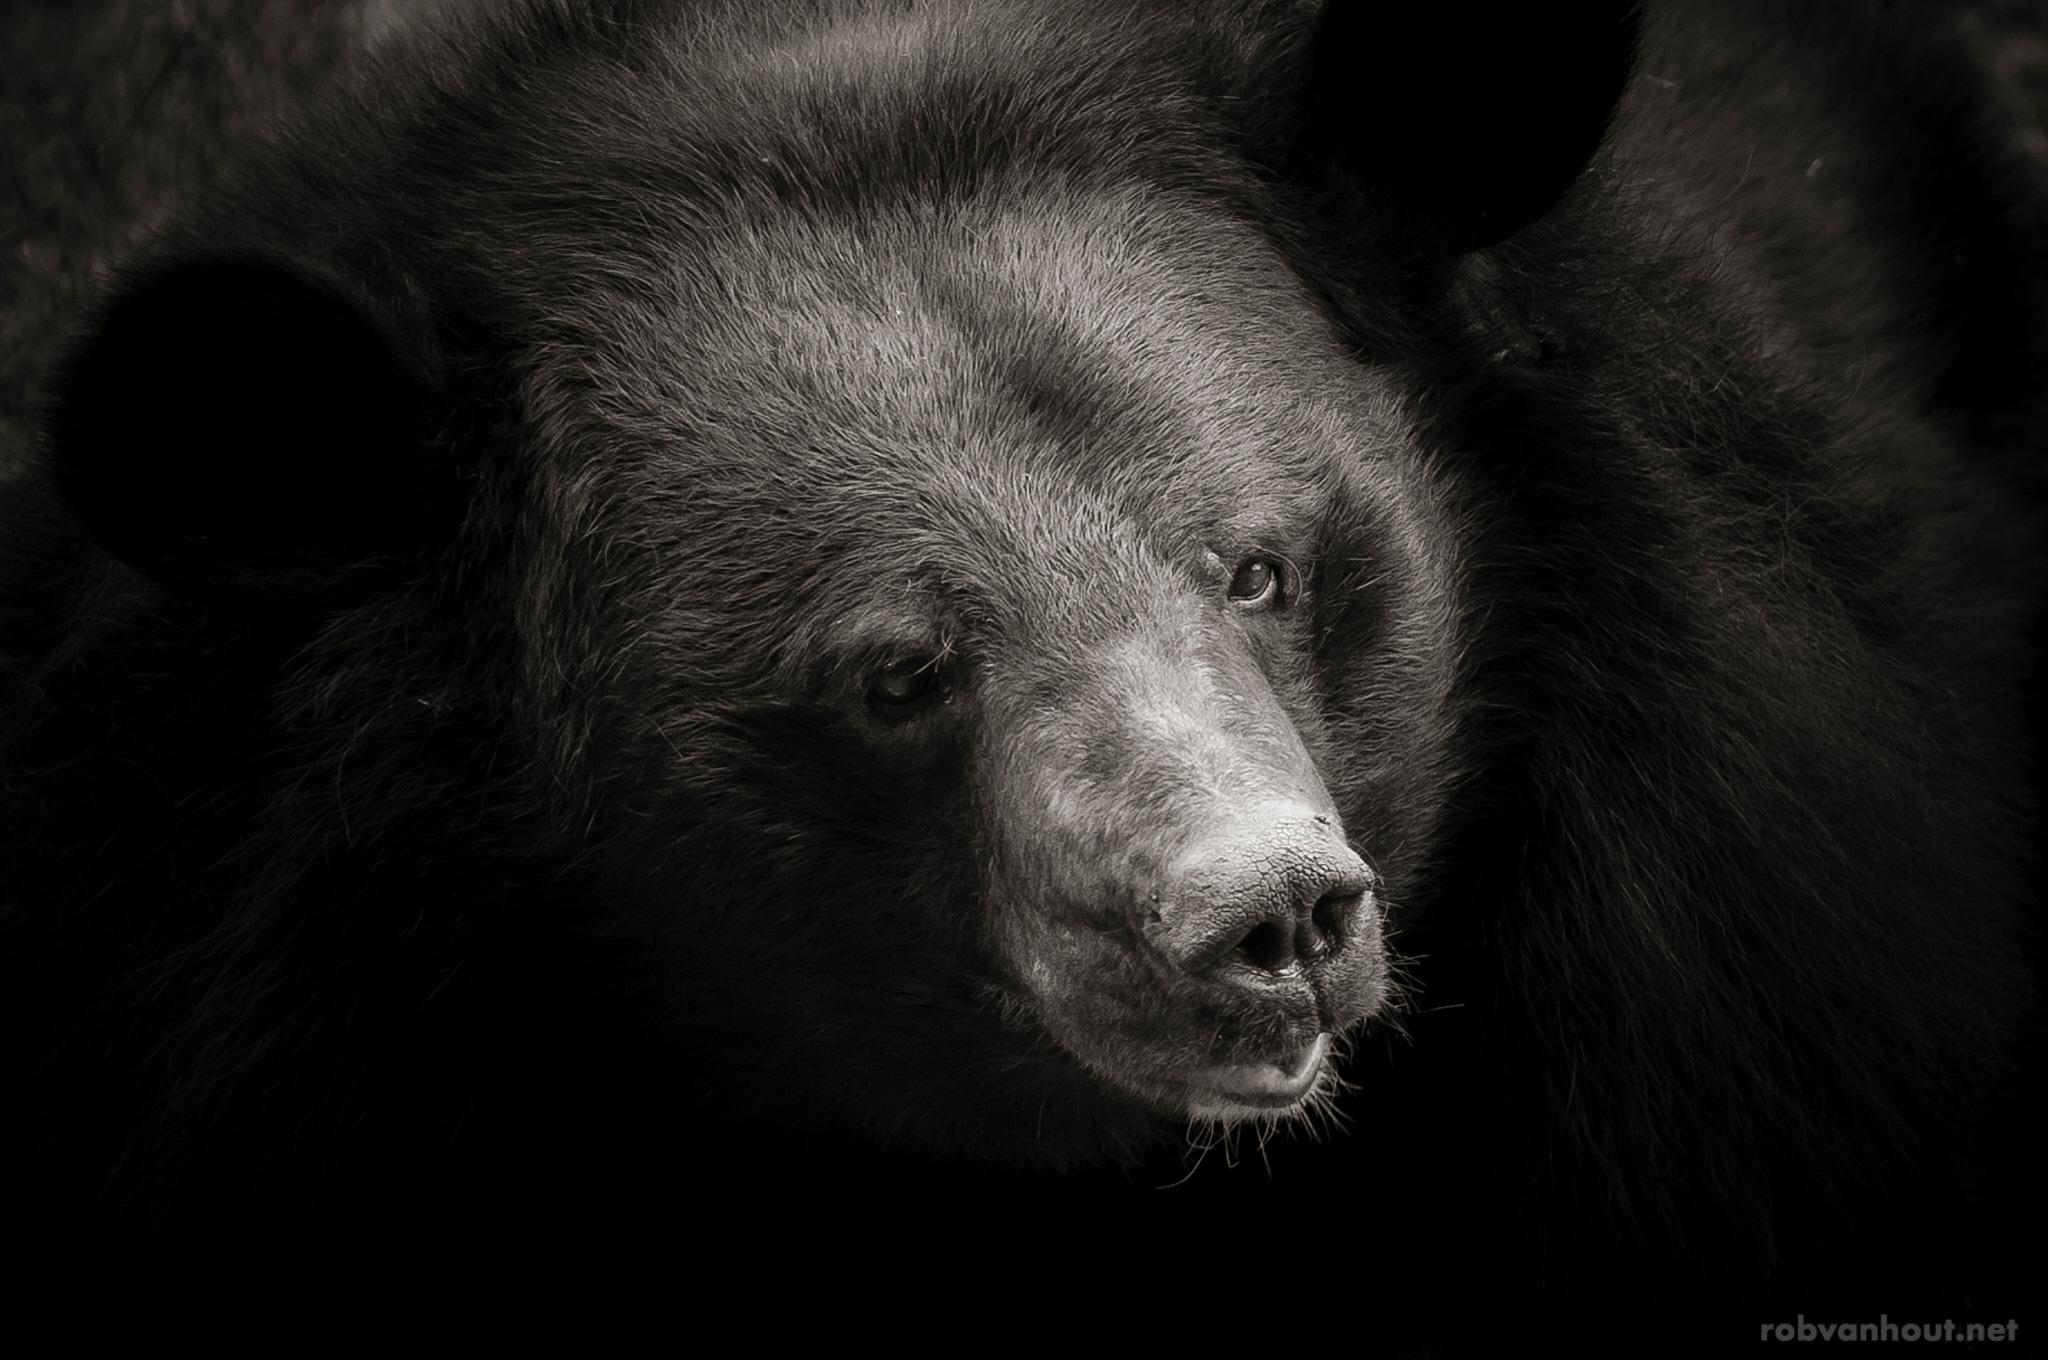 Moon Bear — Anholter Bärenwald